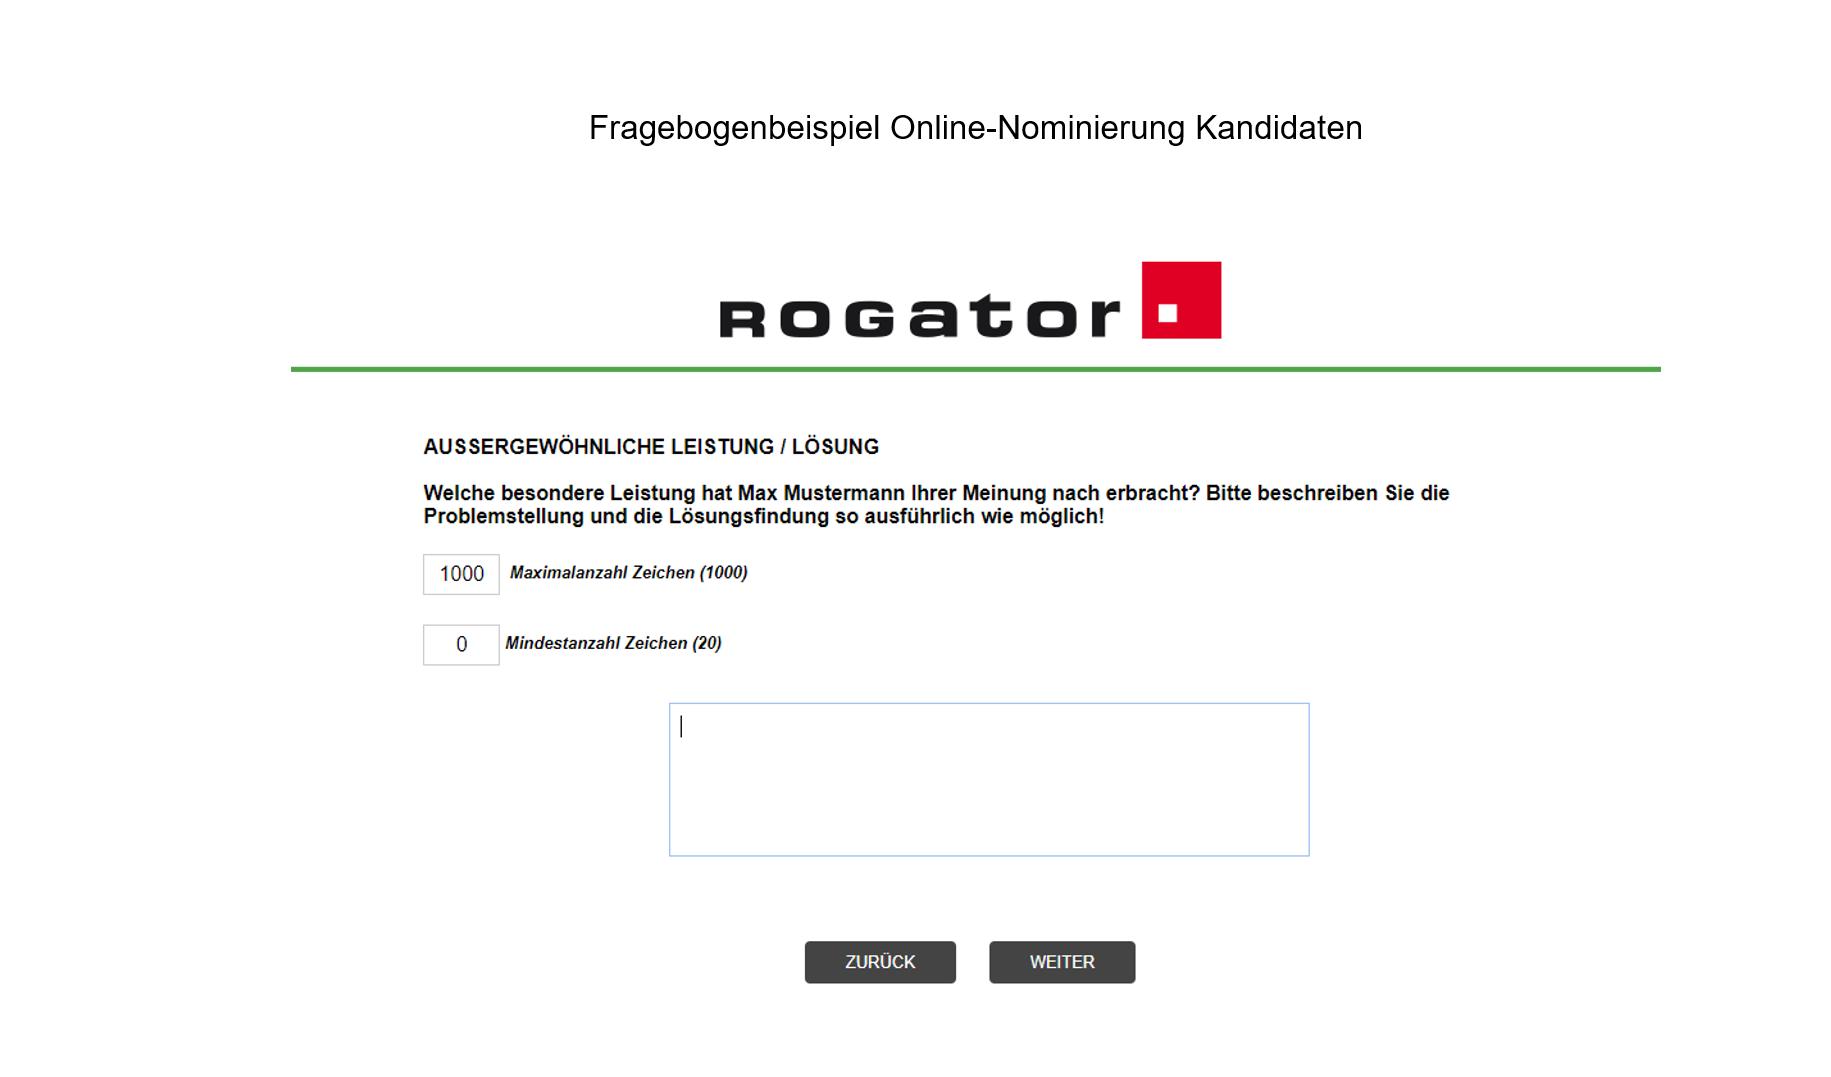 Betriebswahl, Mitbestimmung Fragebogenbeispiel Online-Nominierung Slide 3